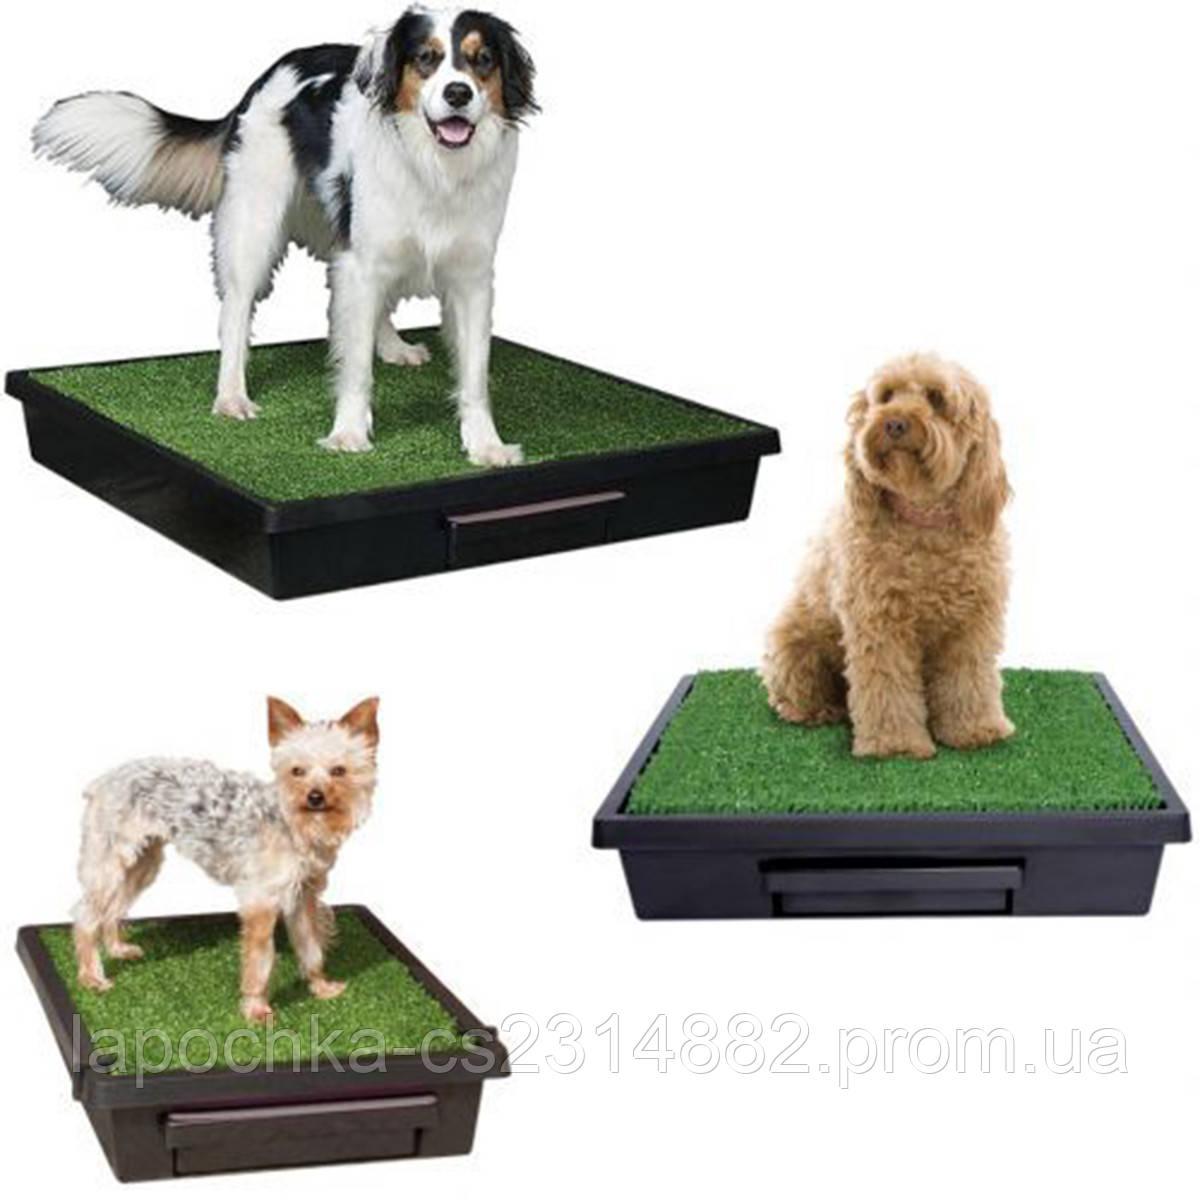 Туалет для собак Croci Loo портативный, имитация травы, 84x84x14cм